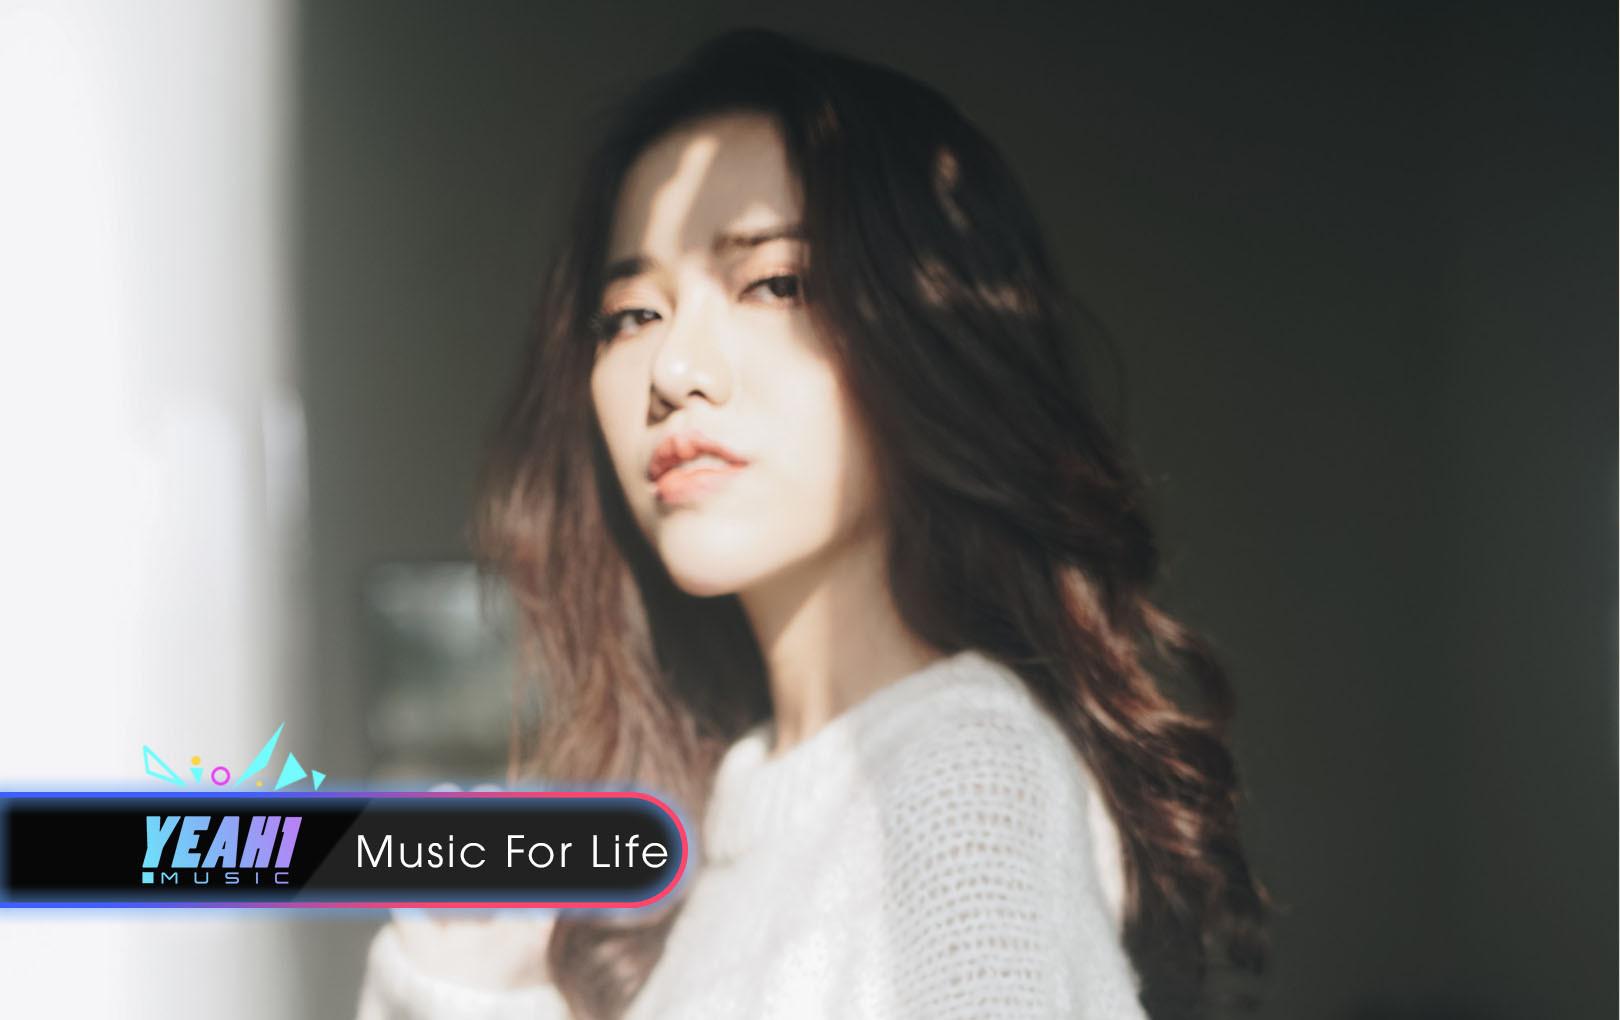 """Sau hit """"Hôm Nay Tôi Buồn"""", Phùng Khánh Linh tiếp tục trở lại với sáng tác não nề không kém"""